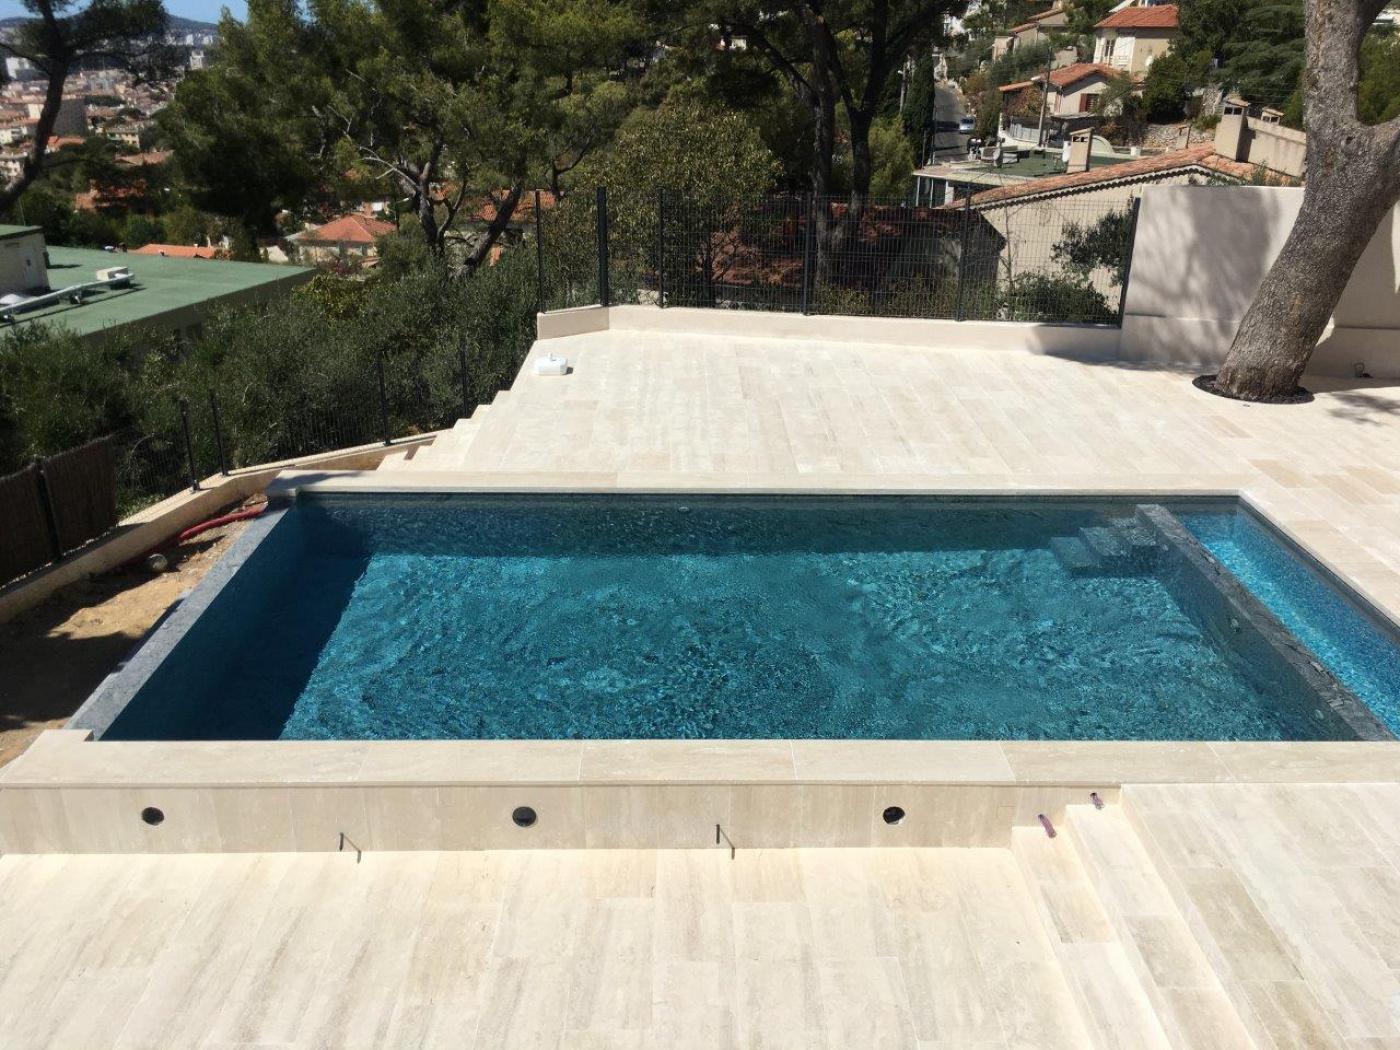 Terrasses de piscine en travertin blanc italien Navonna